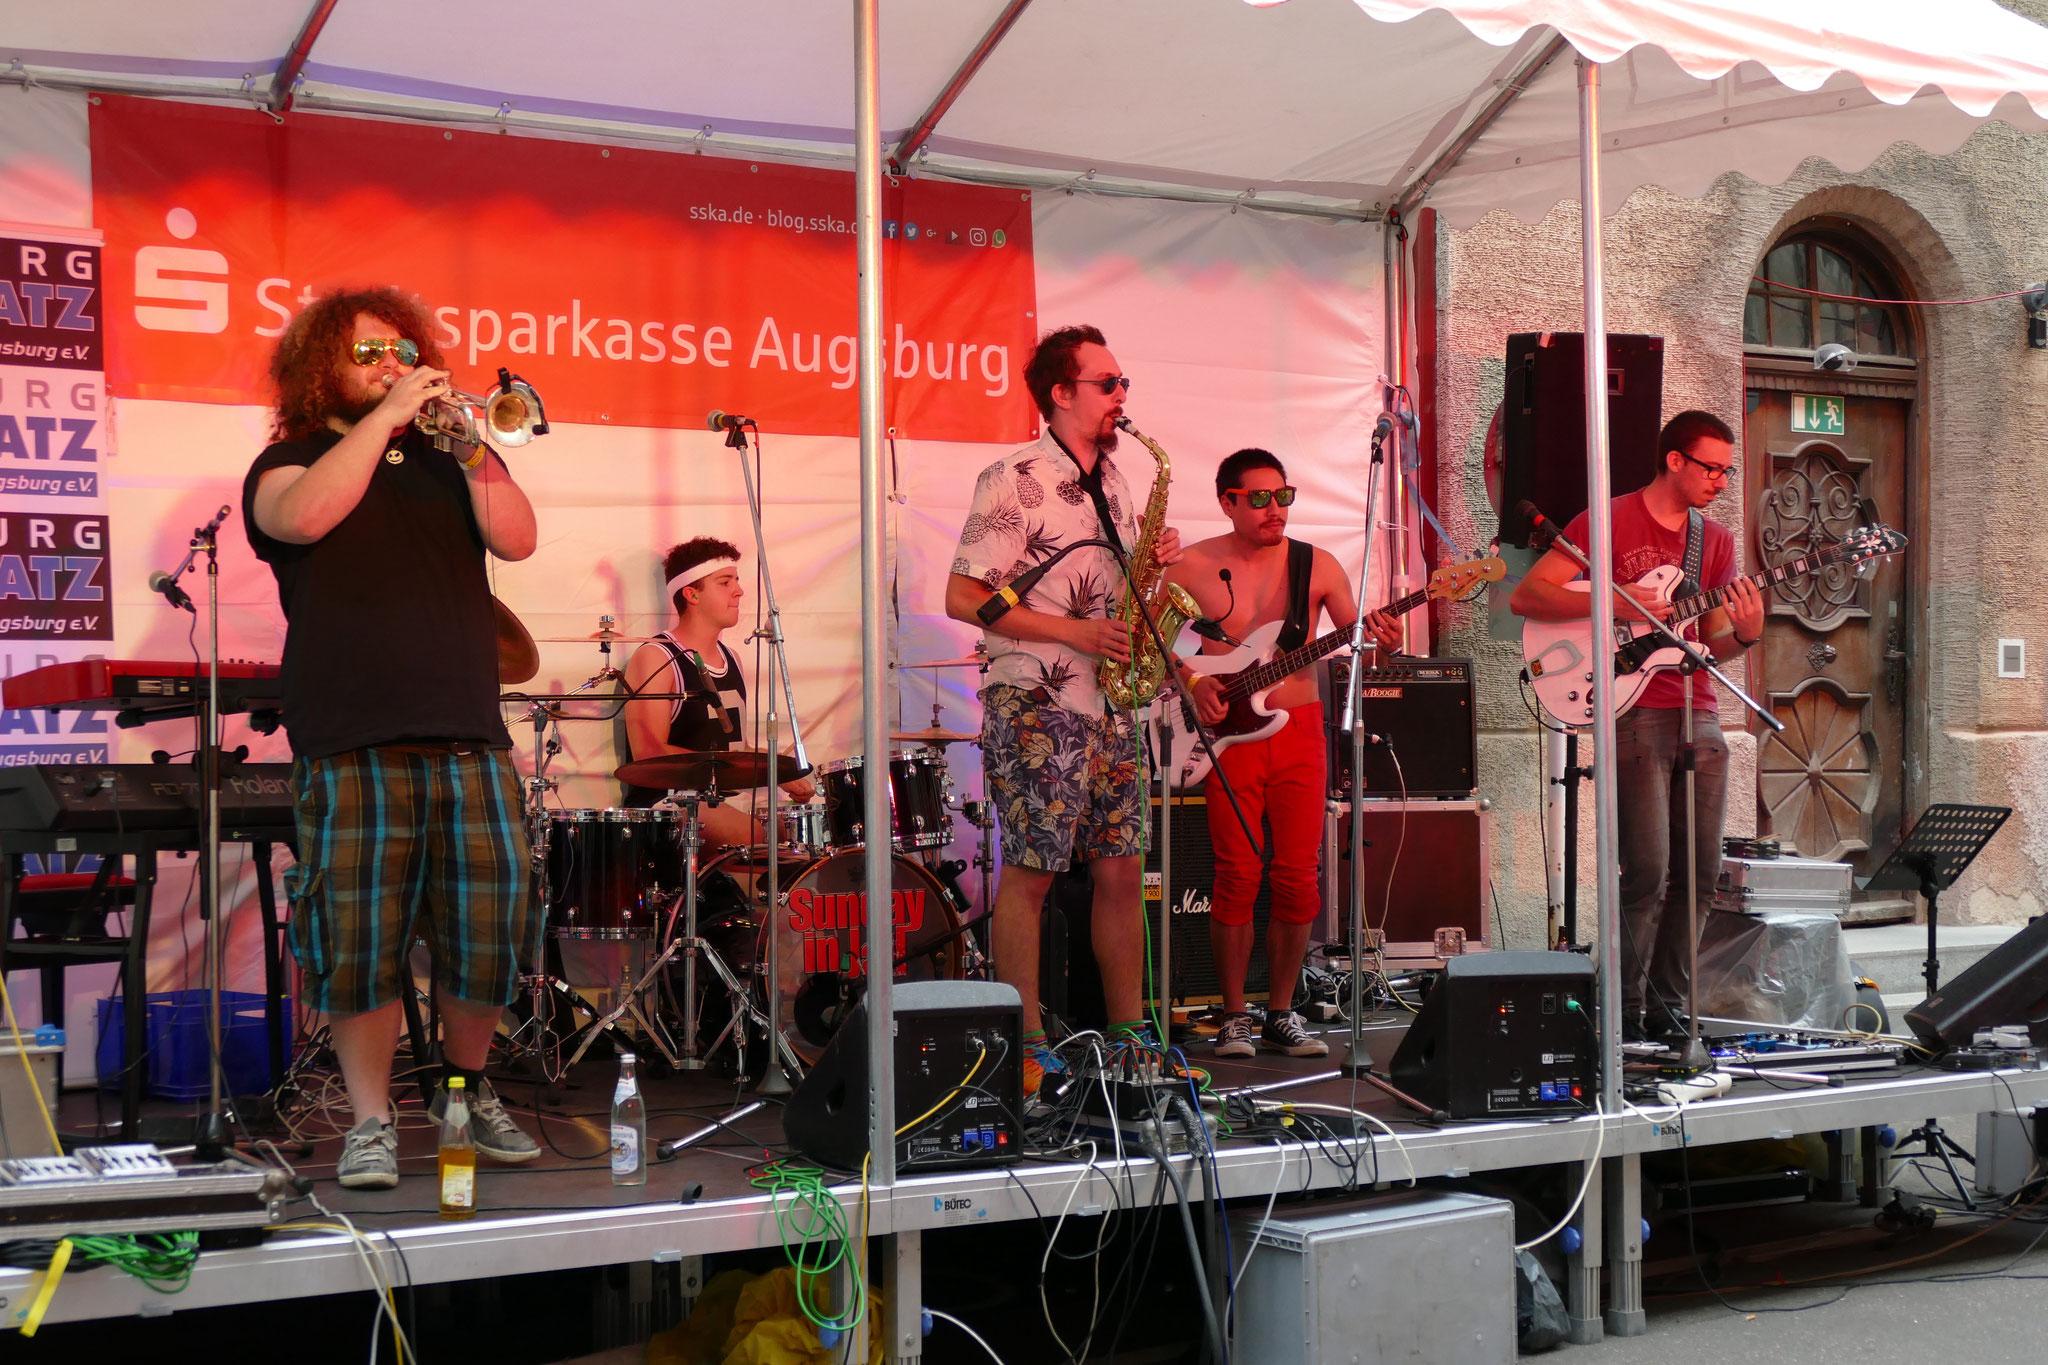 Konzerte im Bürgerhof 07.07.17 The Big Band Theory - Freiwilligen-Zentrum Augsburg - Foto: Christoph Urban